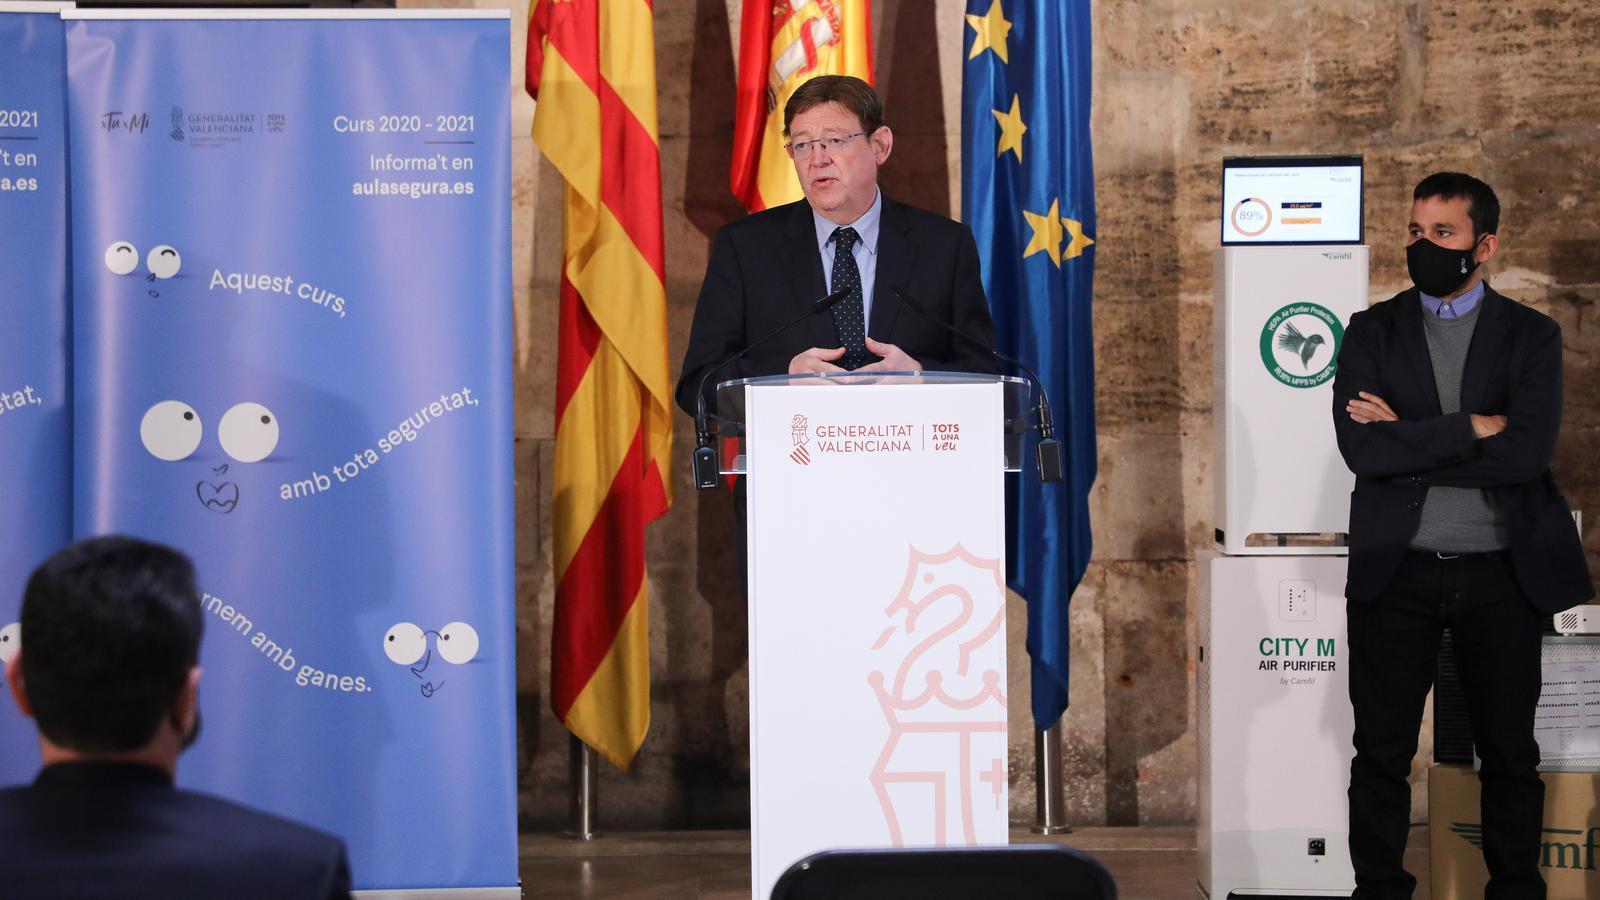 El president de la Generalitat Valenciana, Ximo Puig, i el conseller d'Educació, Cultura i Esport, Vicent Marzà, durant l'anunci de l'adquisició dels 8.000 purificadors